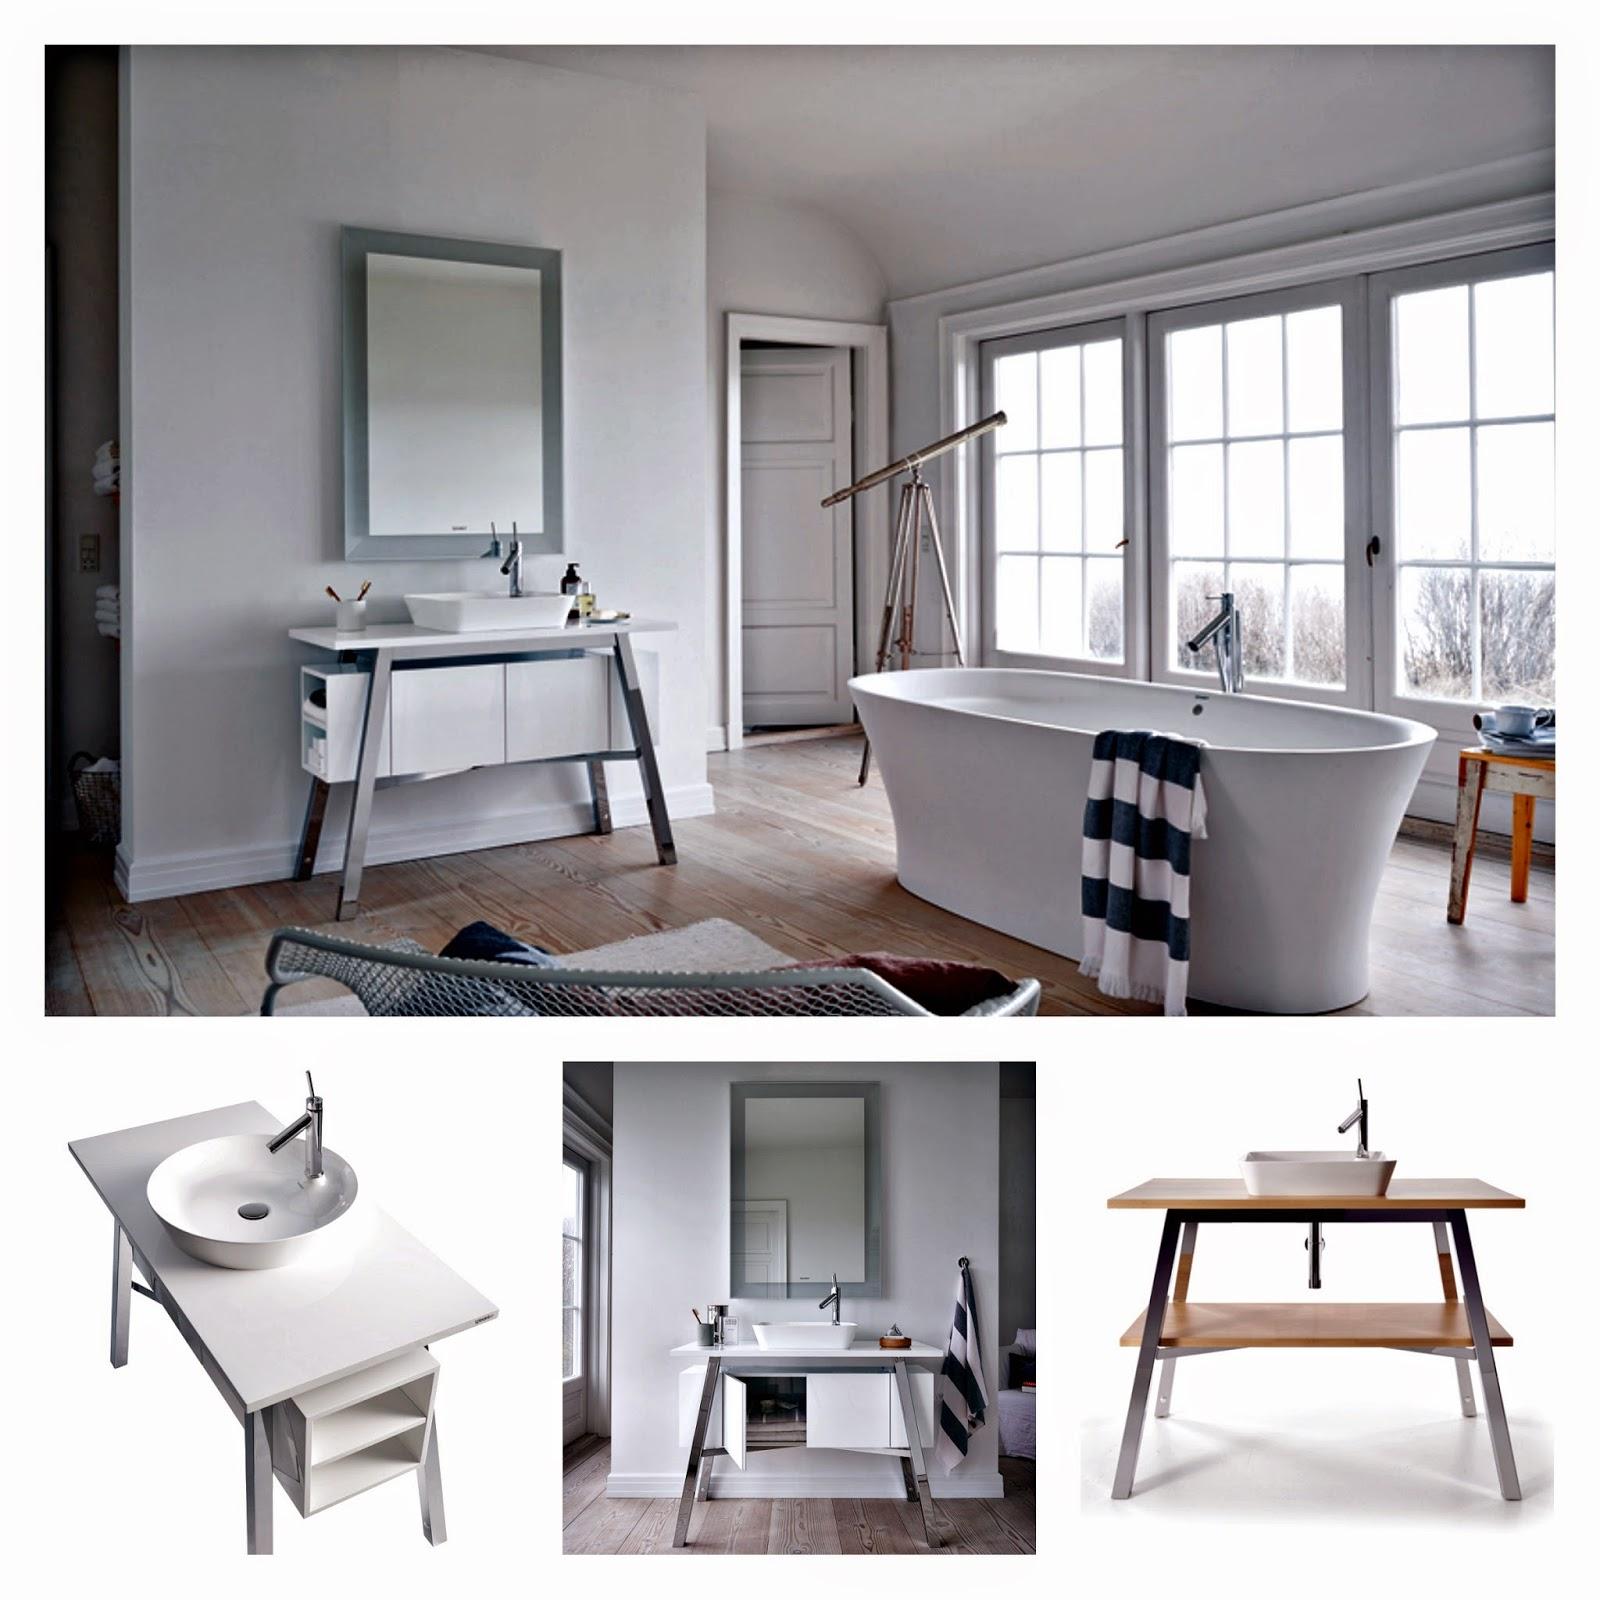 international journal of marketing management februari 2015. Black Bedroom Furniture Sets. Home Design Ideas